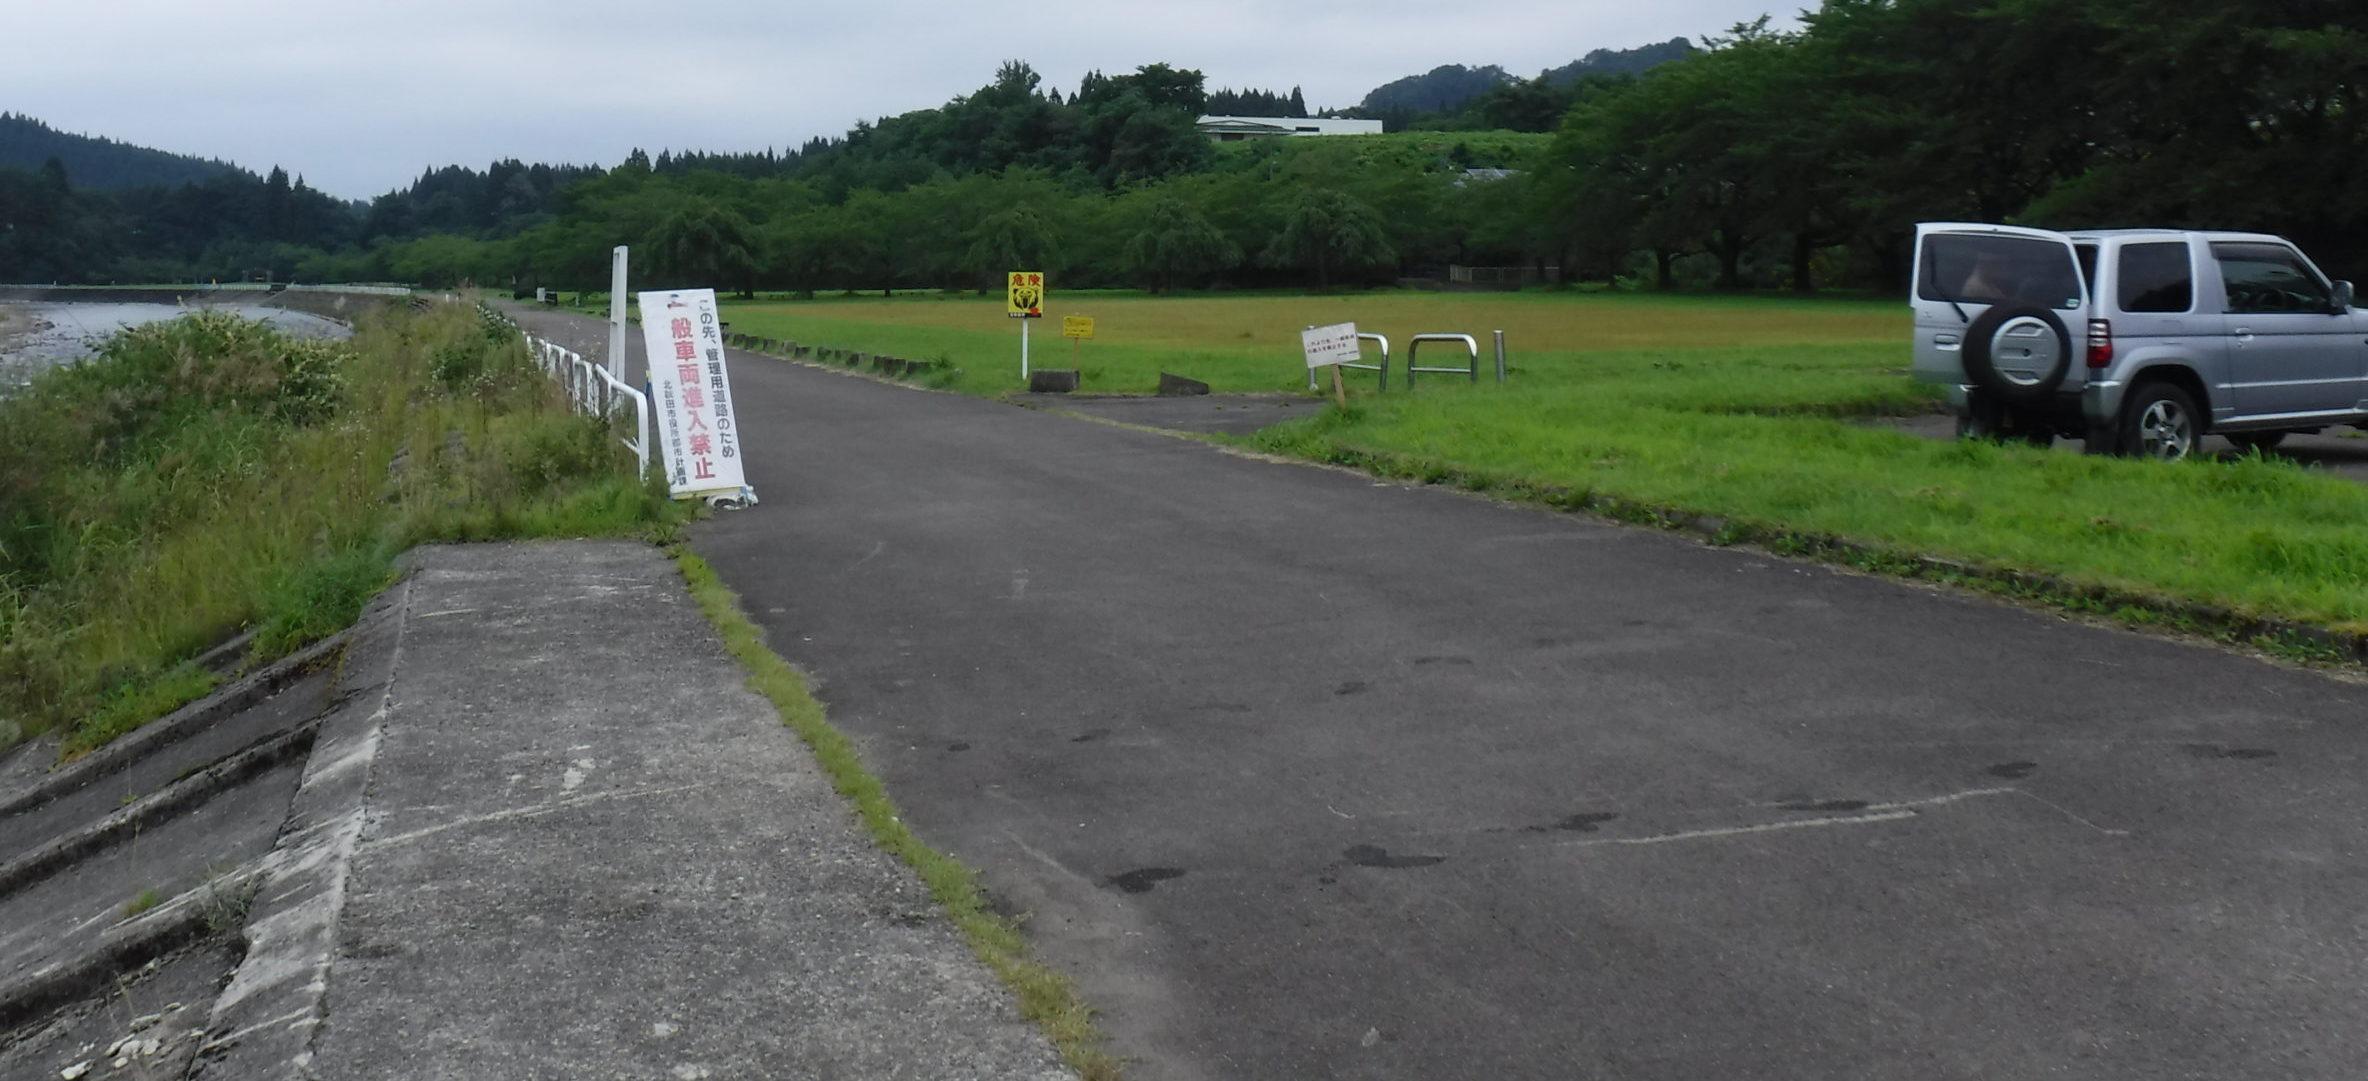 阿仁川 阿仁河川公園